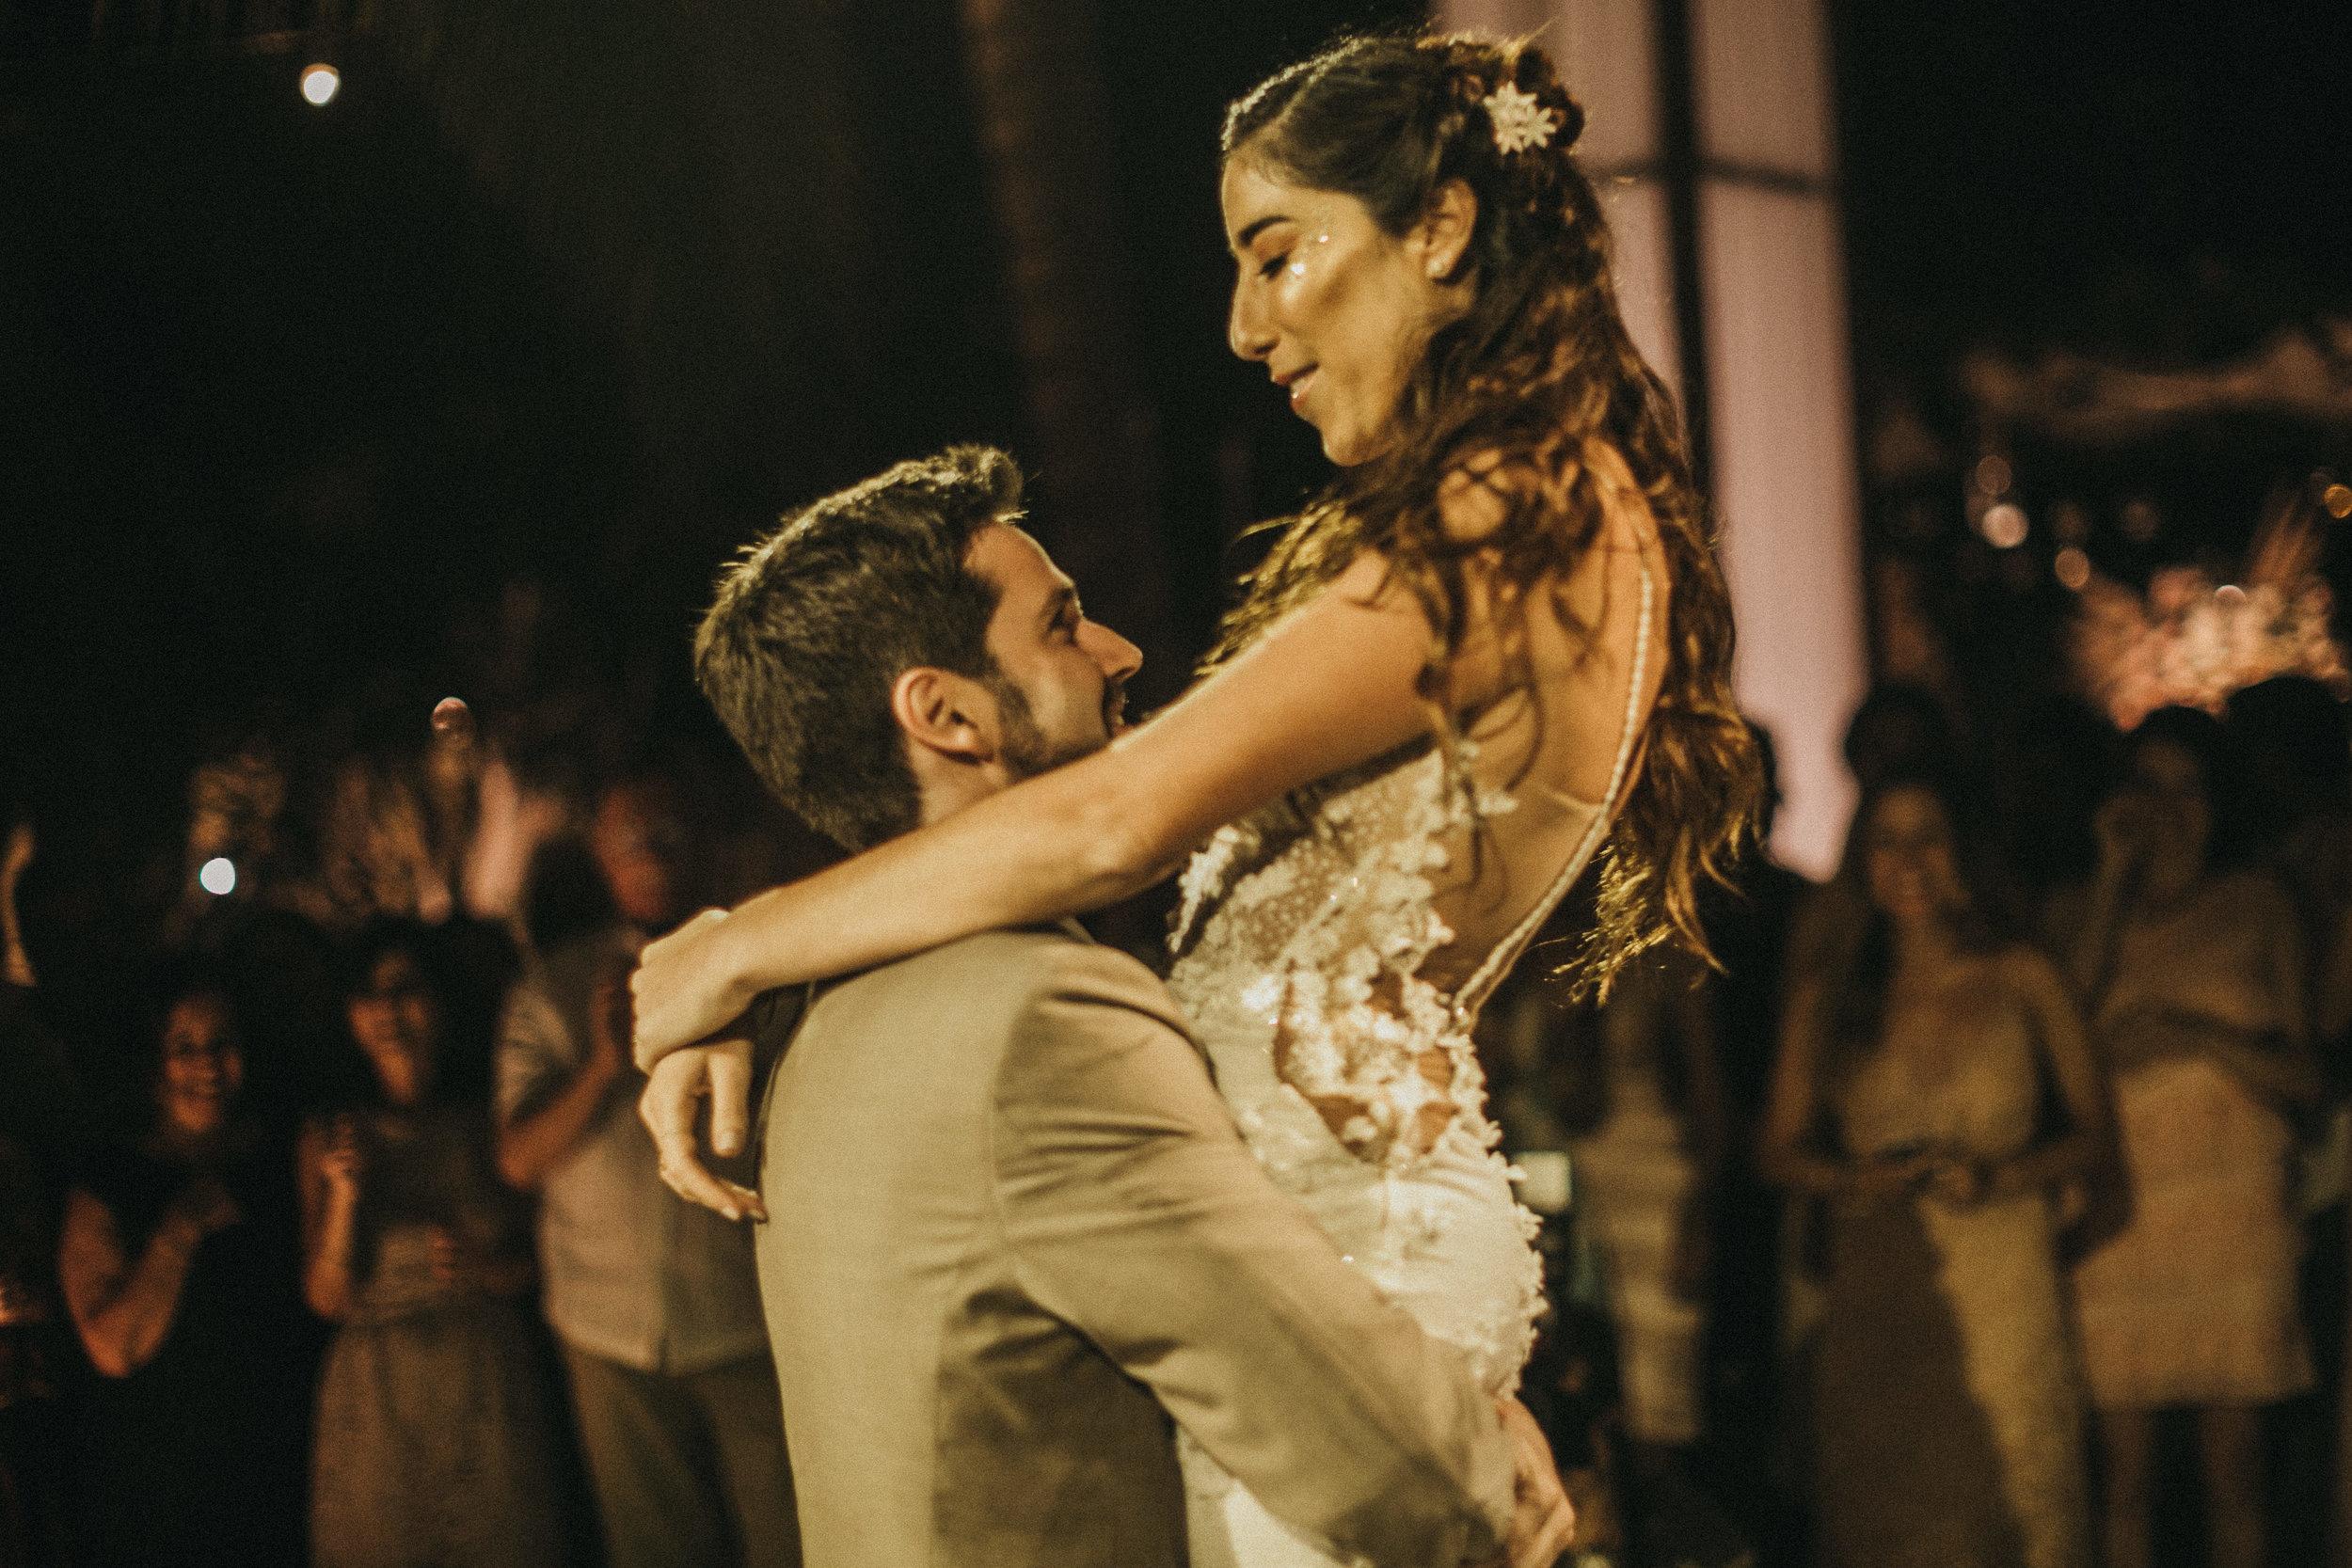 Fotografo de bodas españa serafin castillo wedding photographer spain 062.jpg